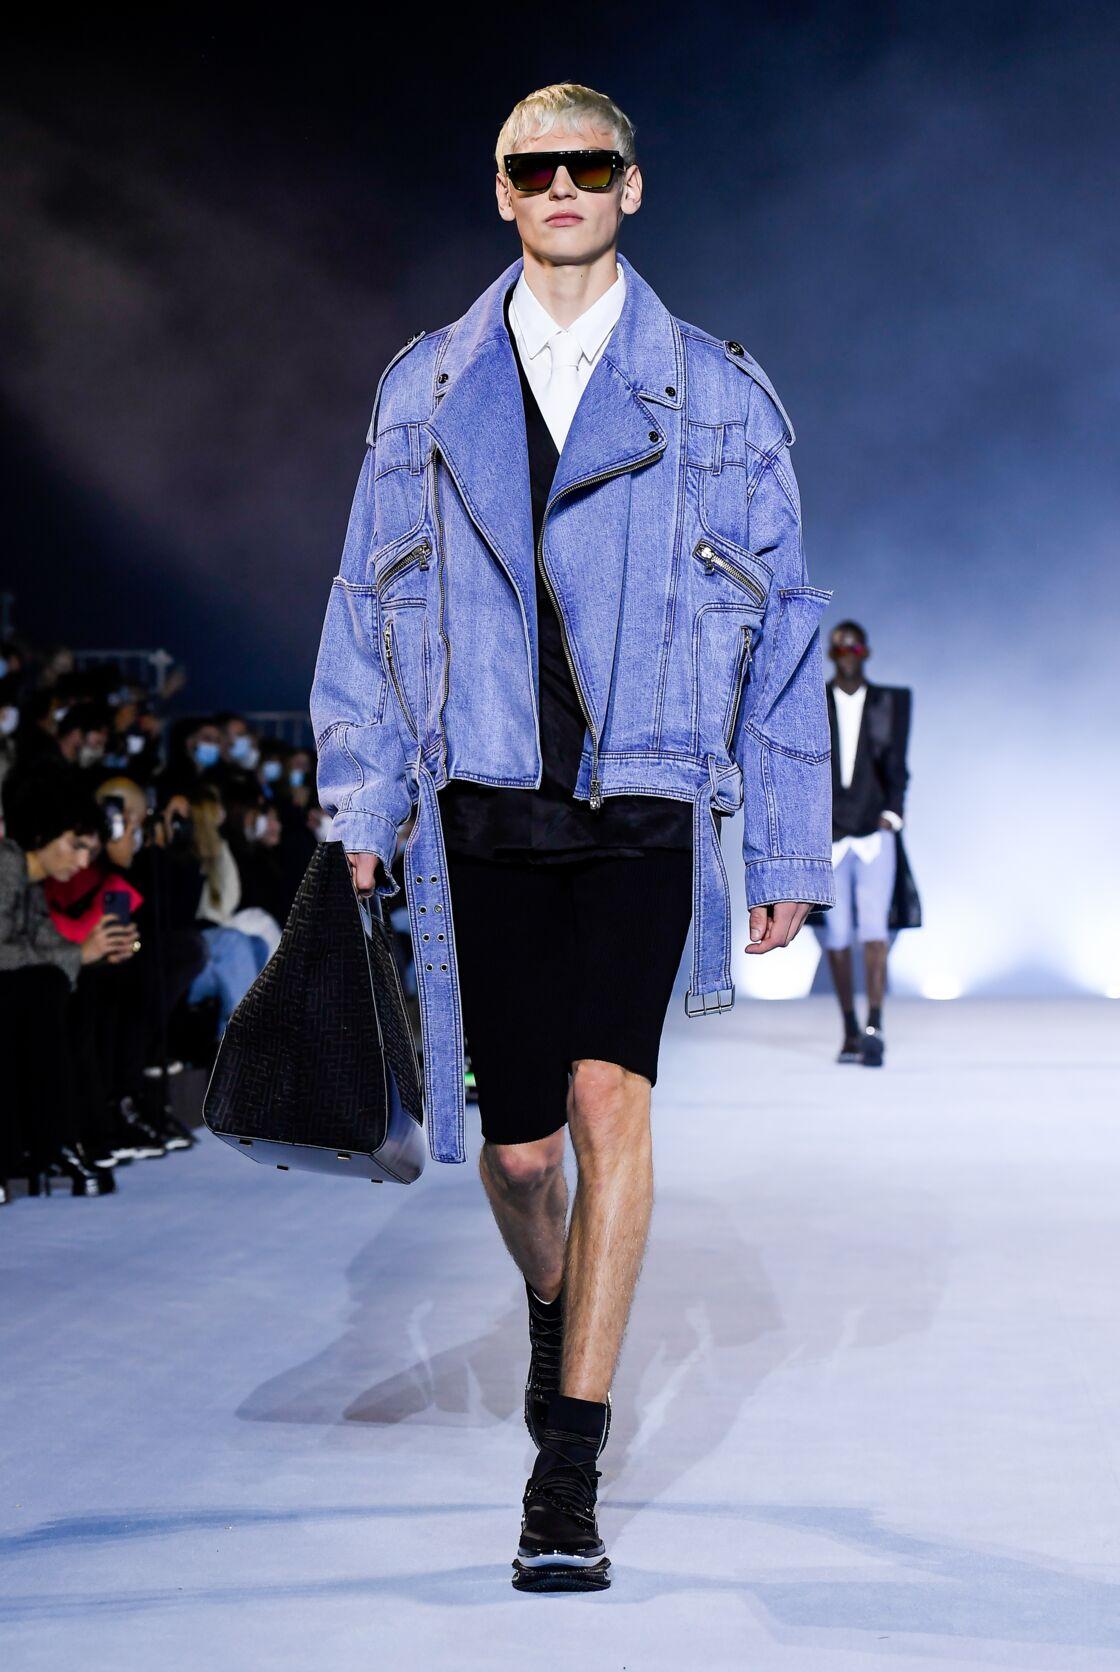 Balmain s'engage pour la planète avec cette veste en jean éco-responsable de la prochaine collection printemps-été 2021 de Balmain.